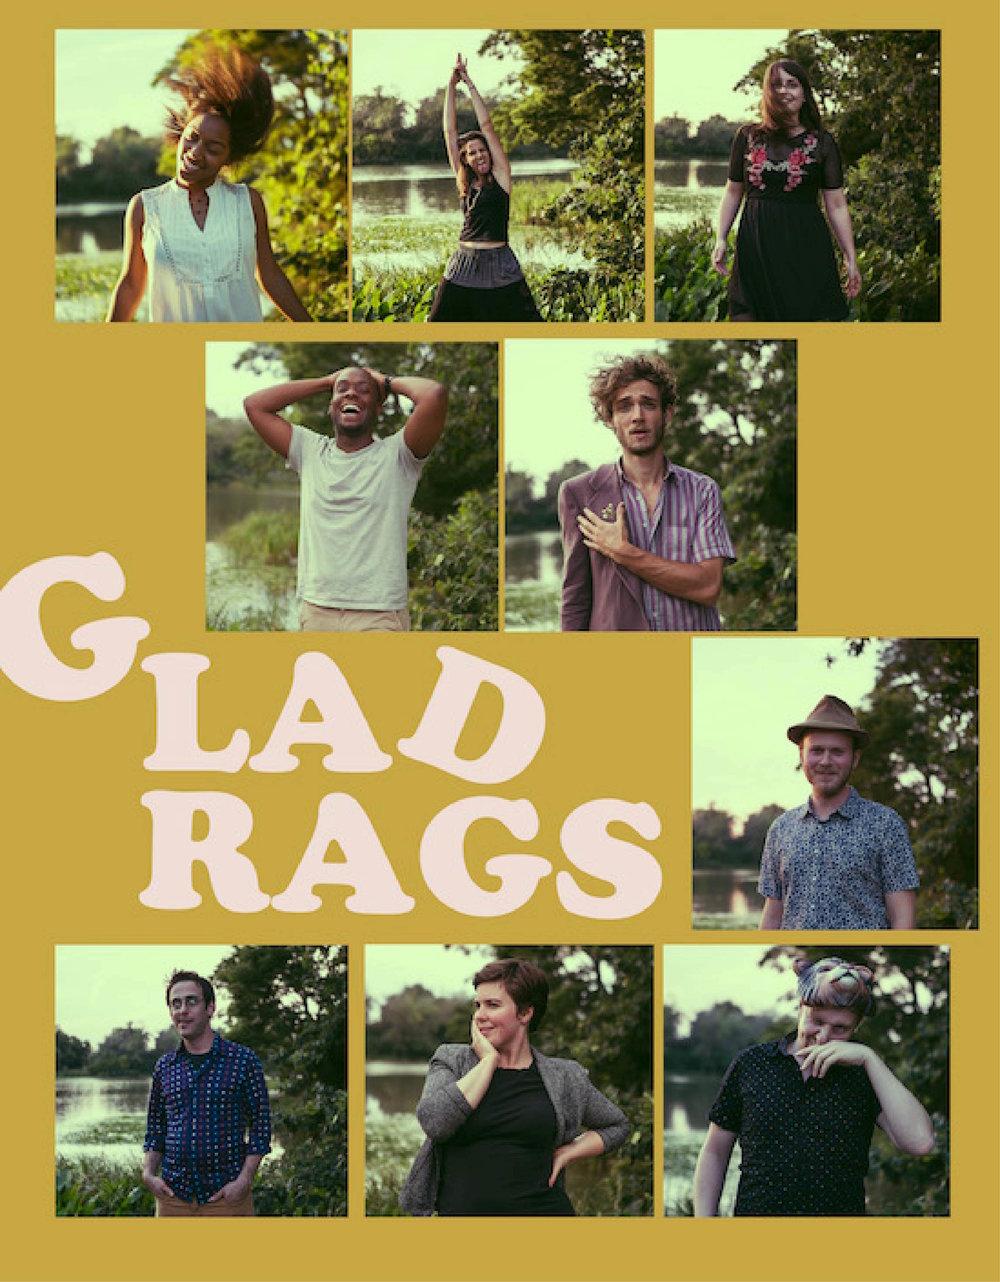 GladRags FULL band.jpg